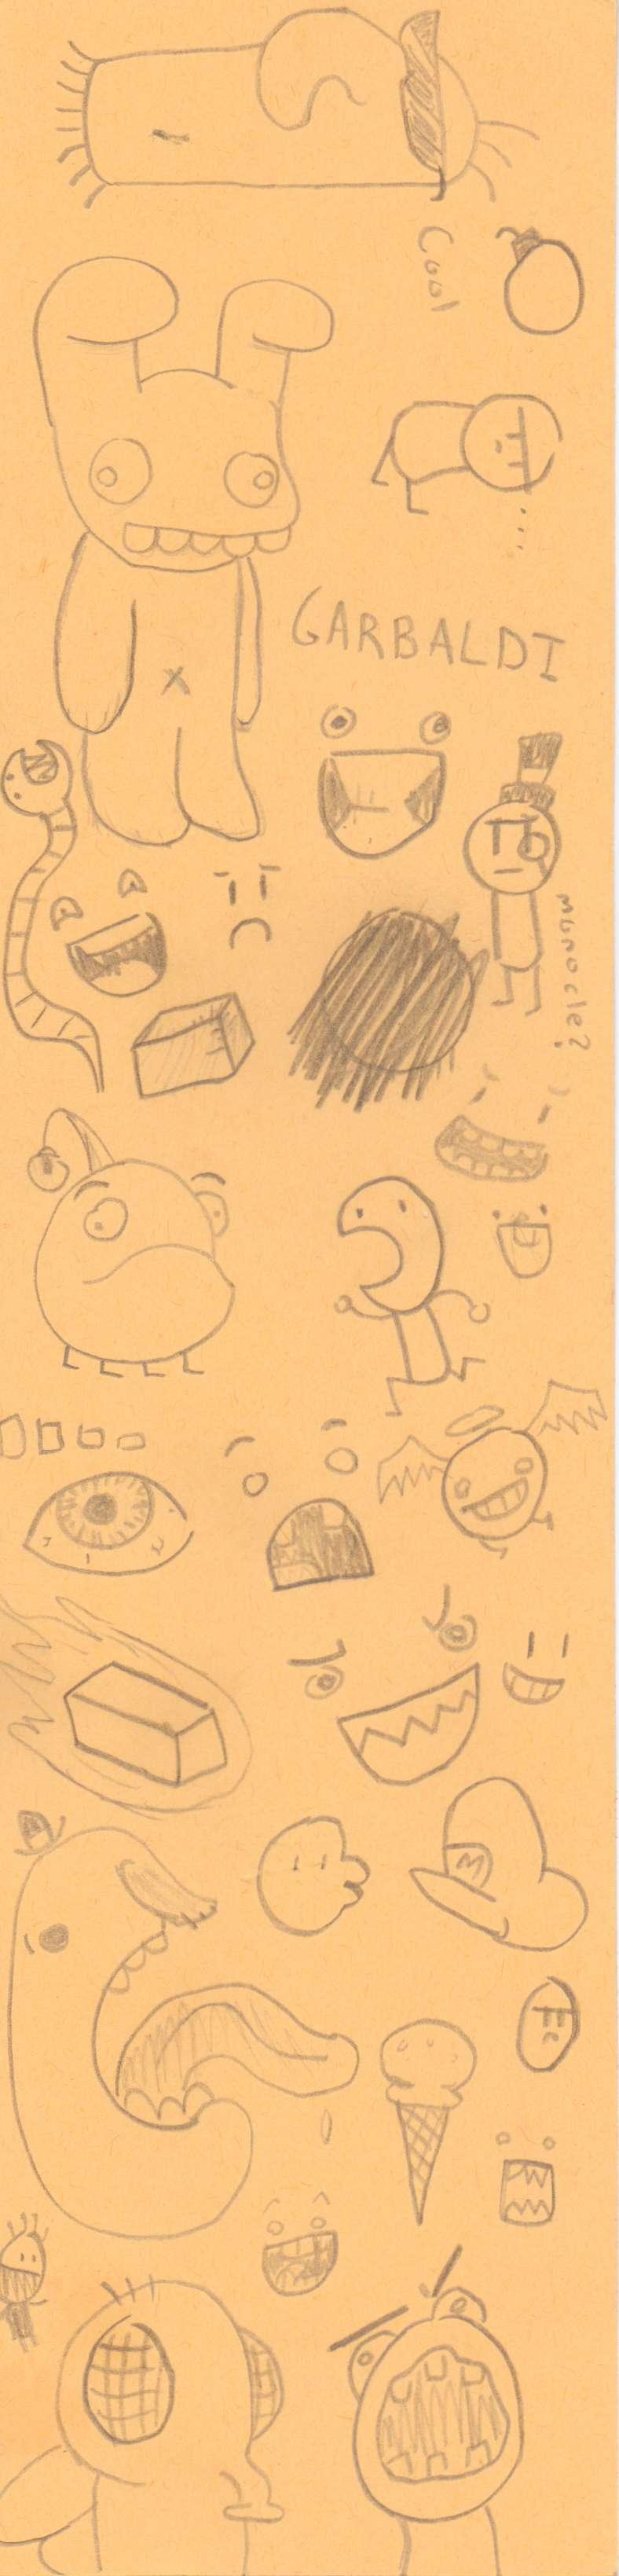 Iggy's Doodles Garbal10